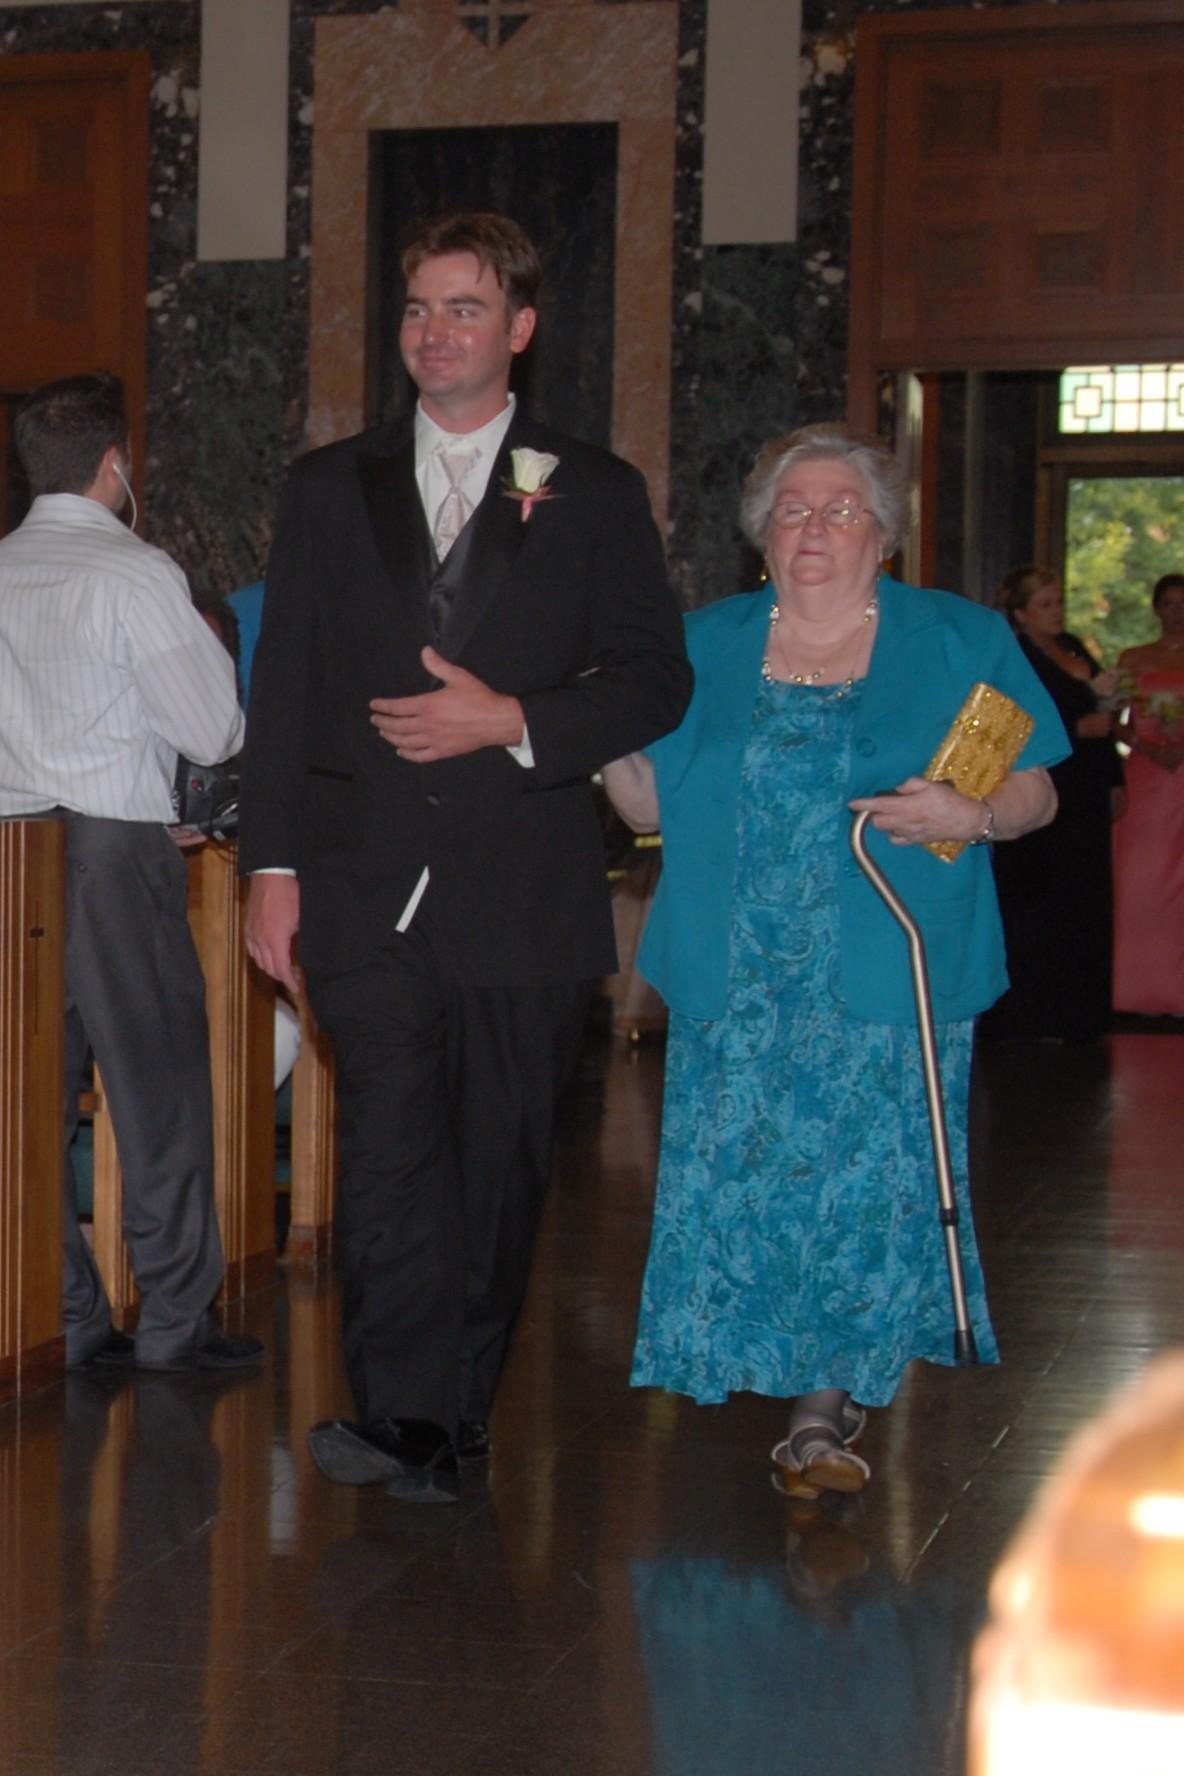 Eric and Grandma Darlene